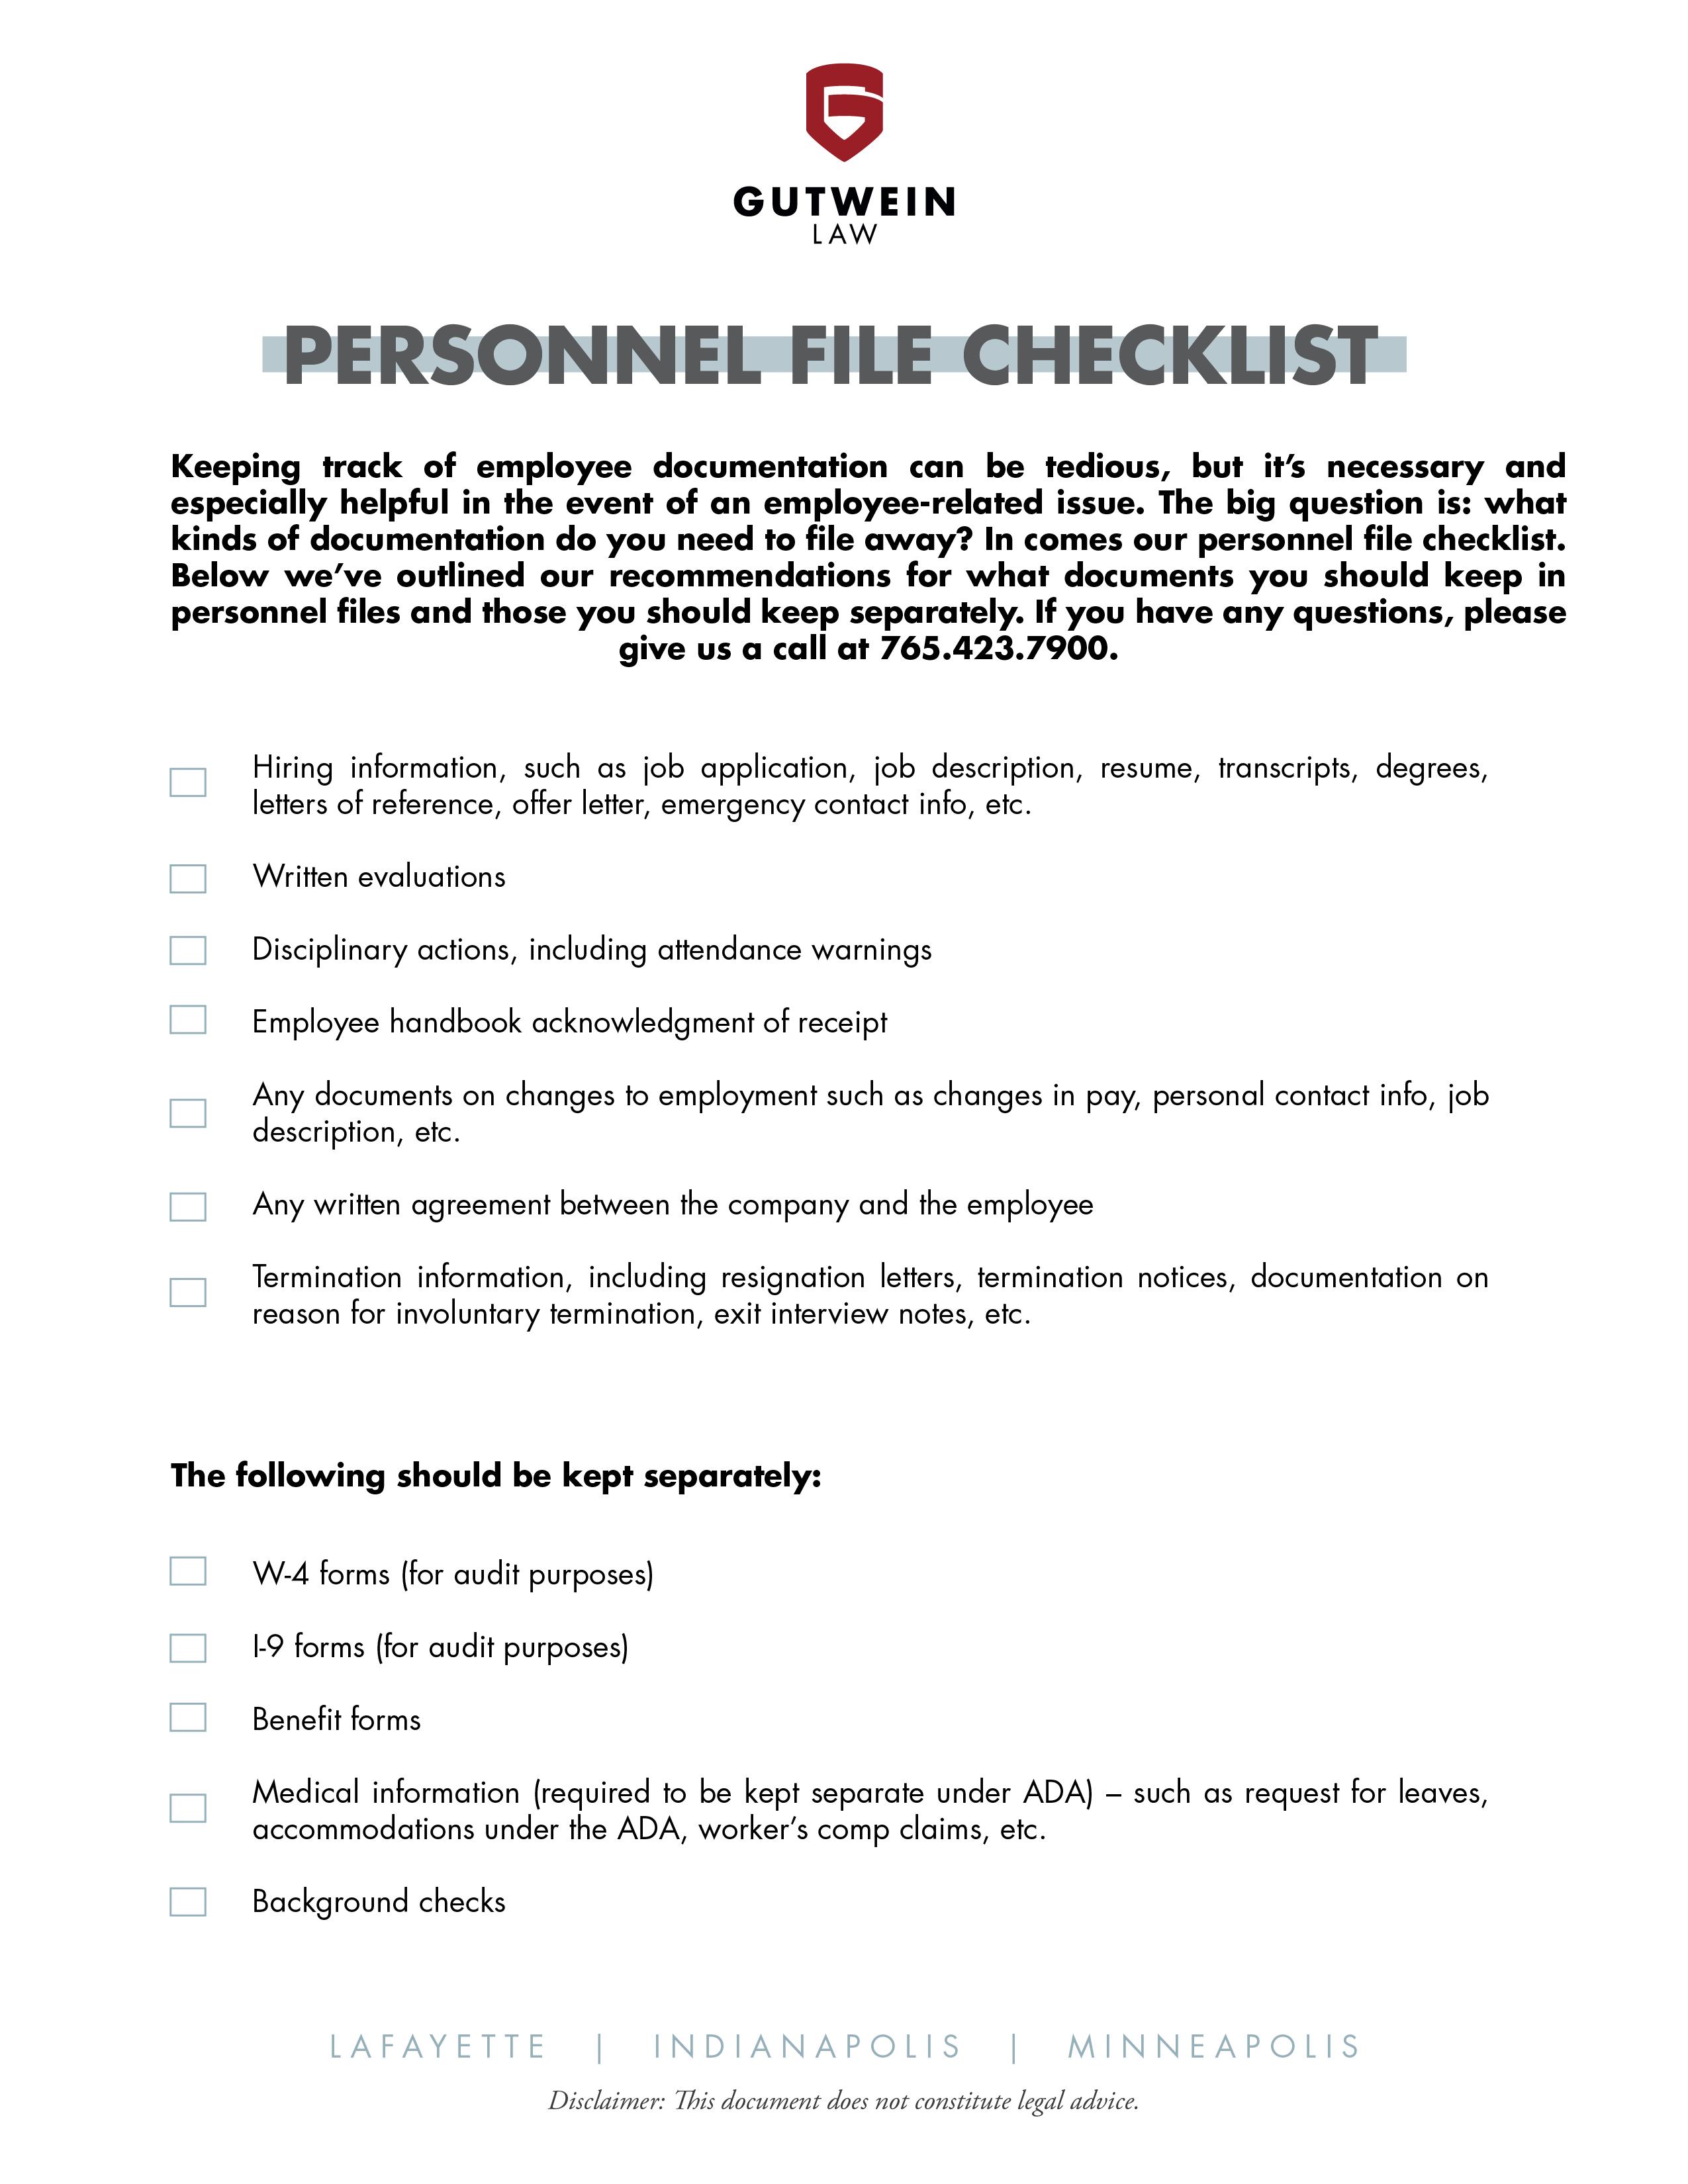 190522_personnel-file-checklist-01